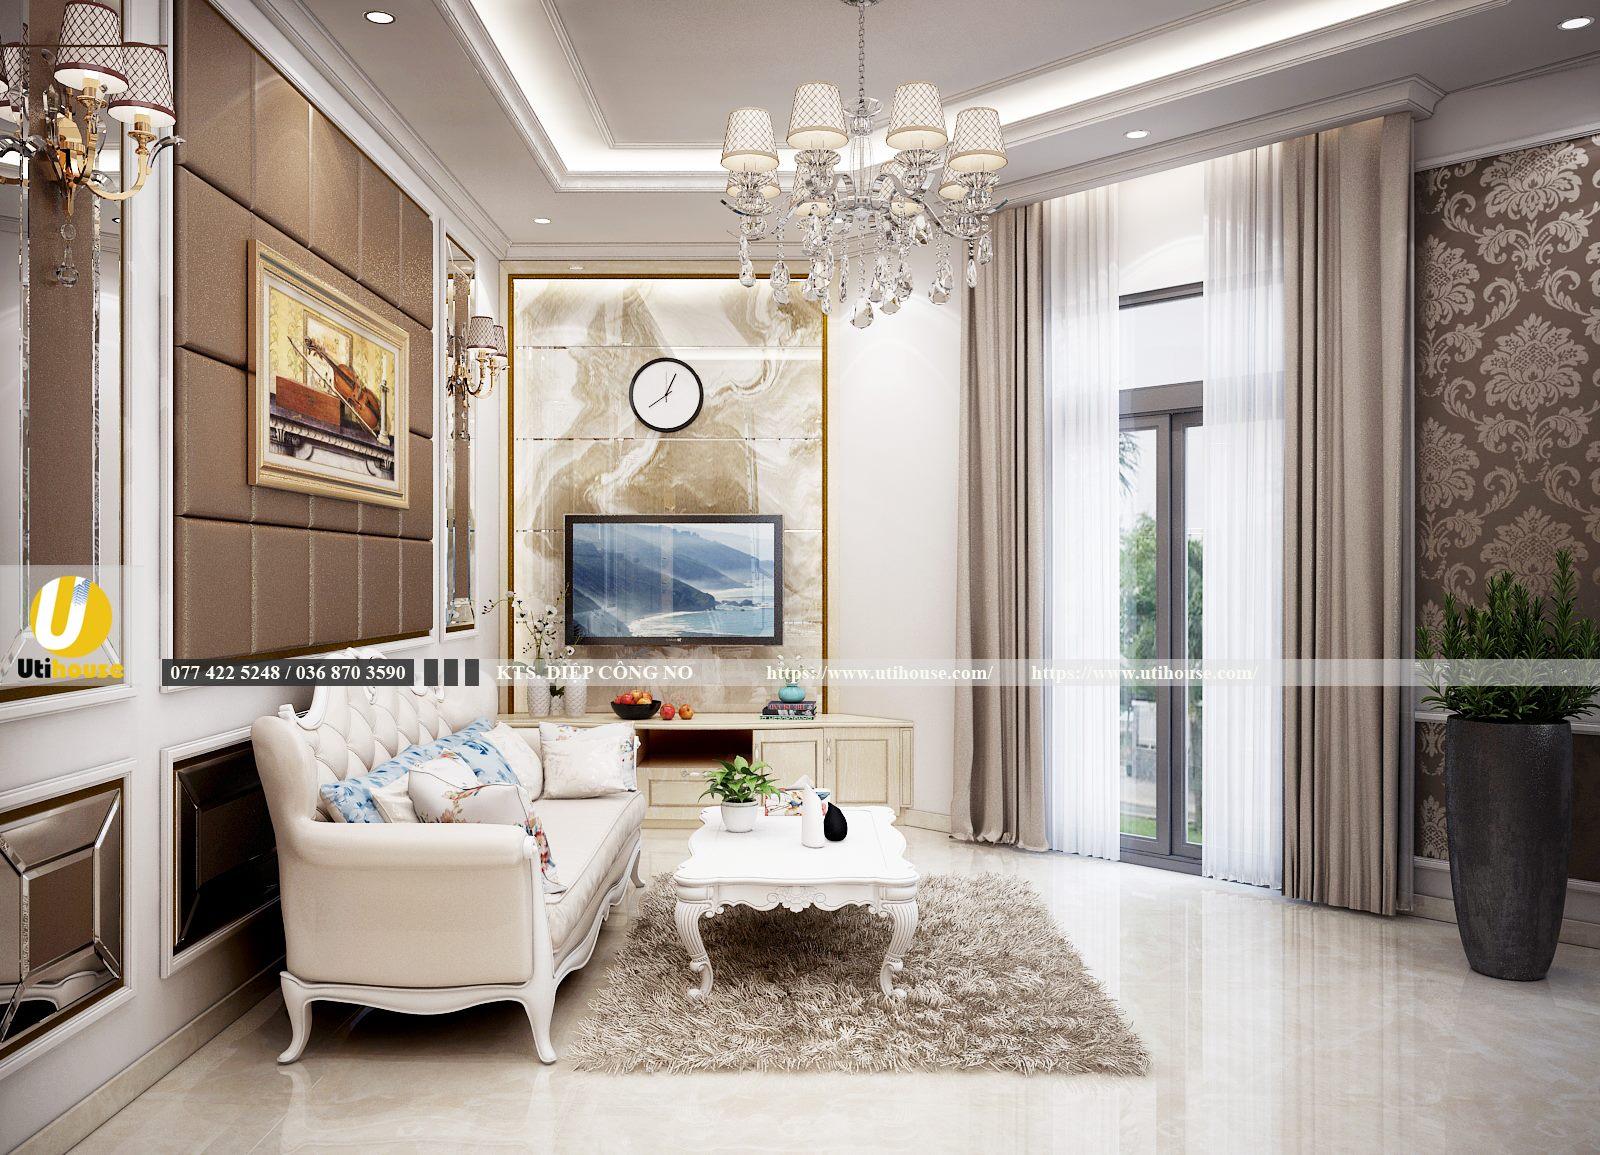 Phong cách trang trí nội thất nhất quán